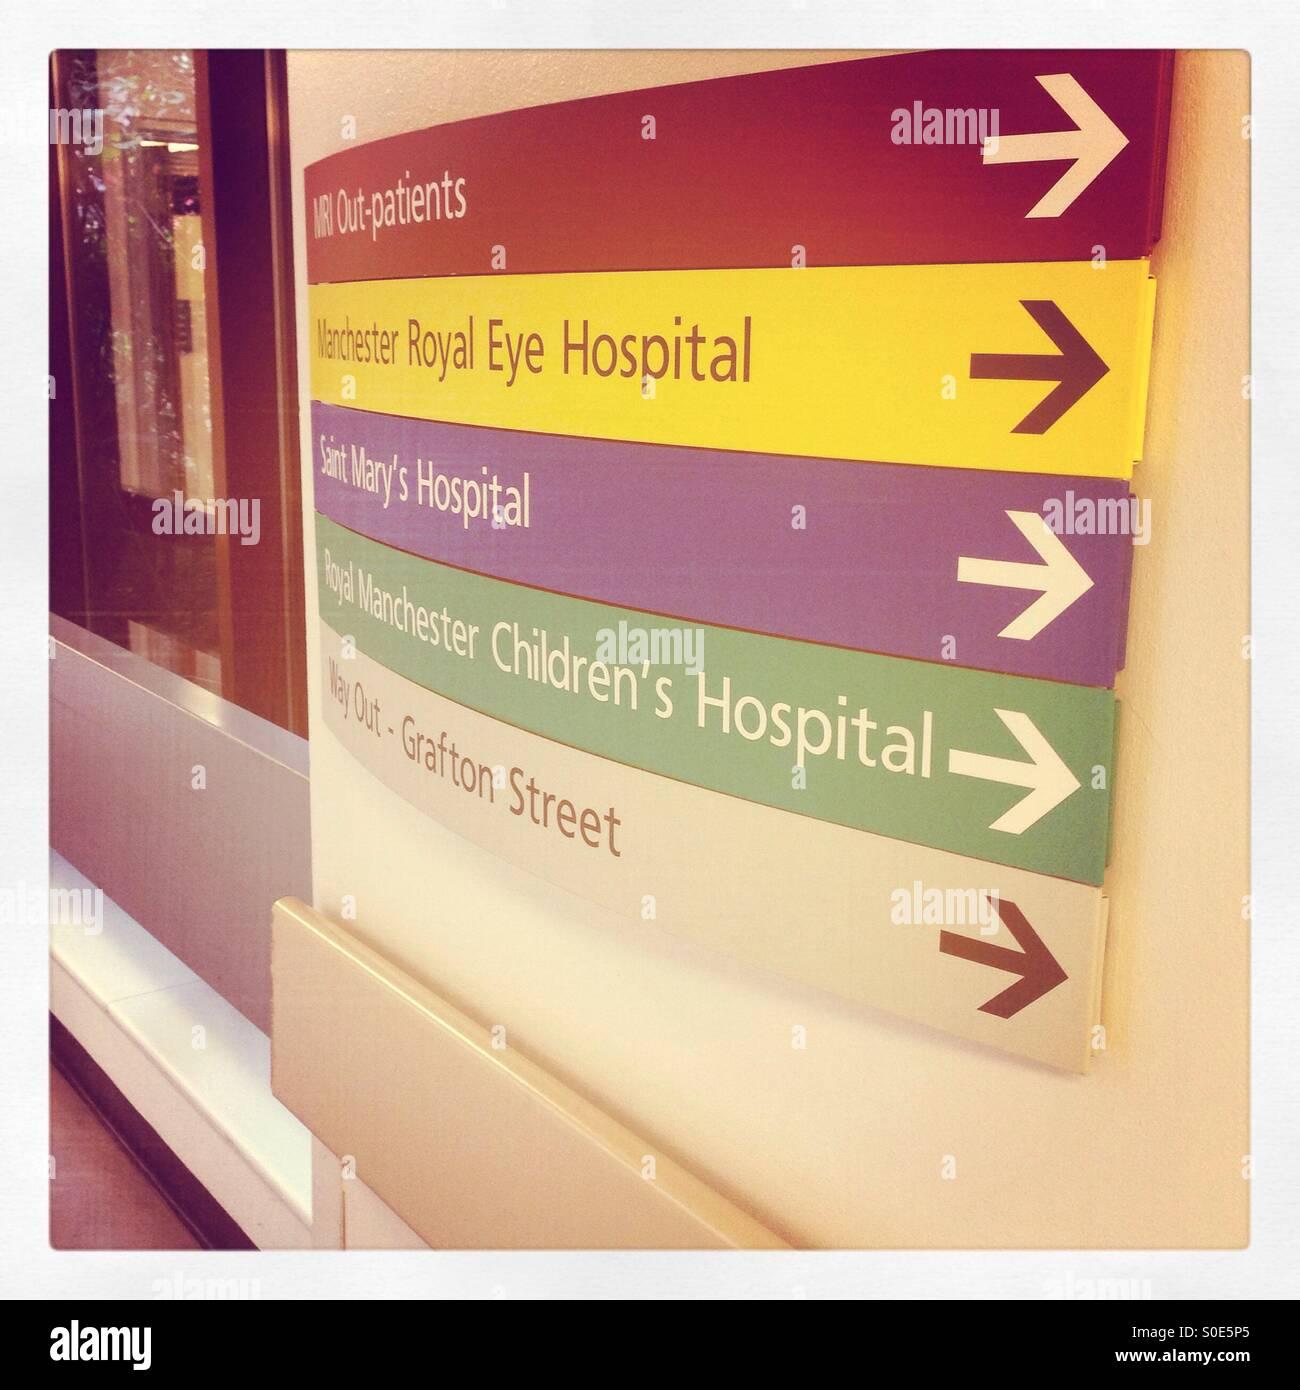 Hospital - Stock Image